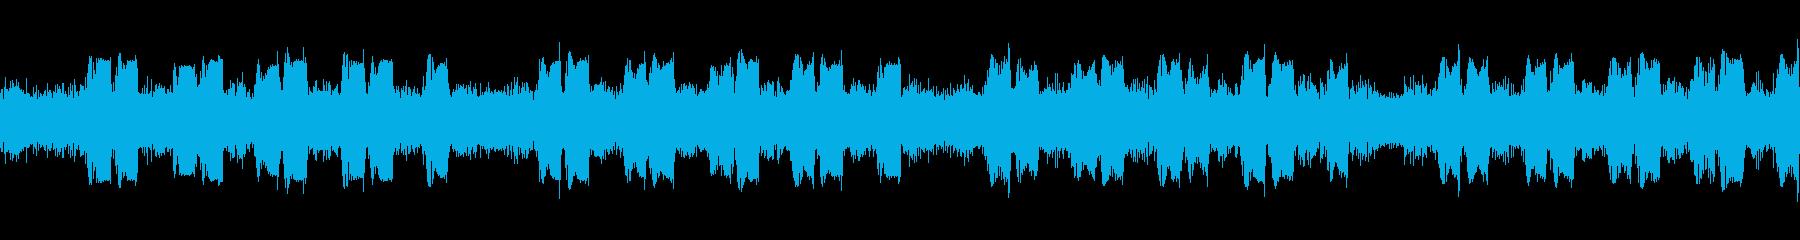 ヘビーギター1、BPM140、A、リフの再生済みの波形